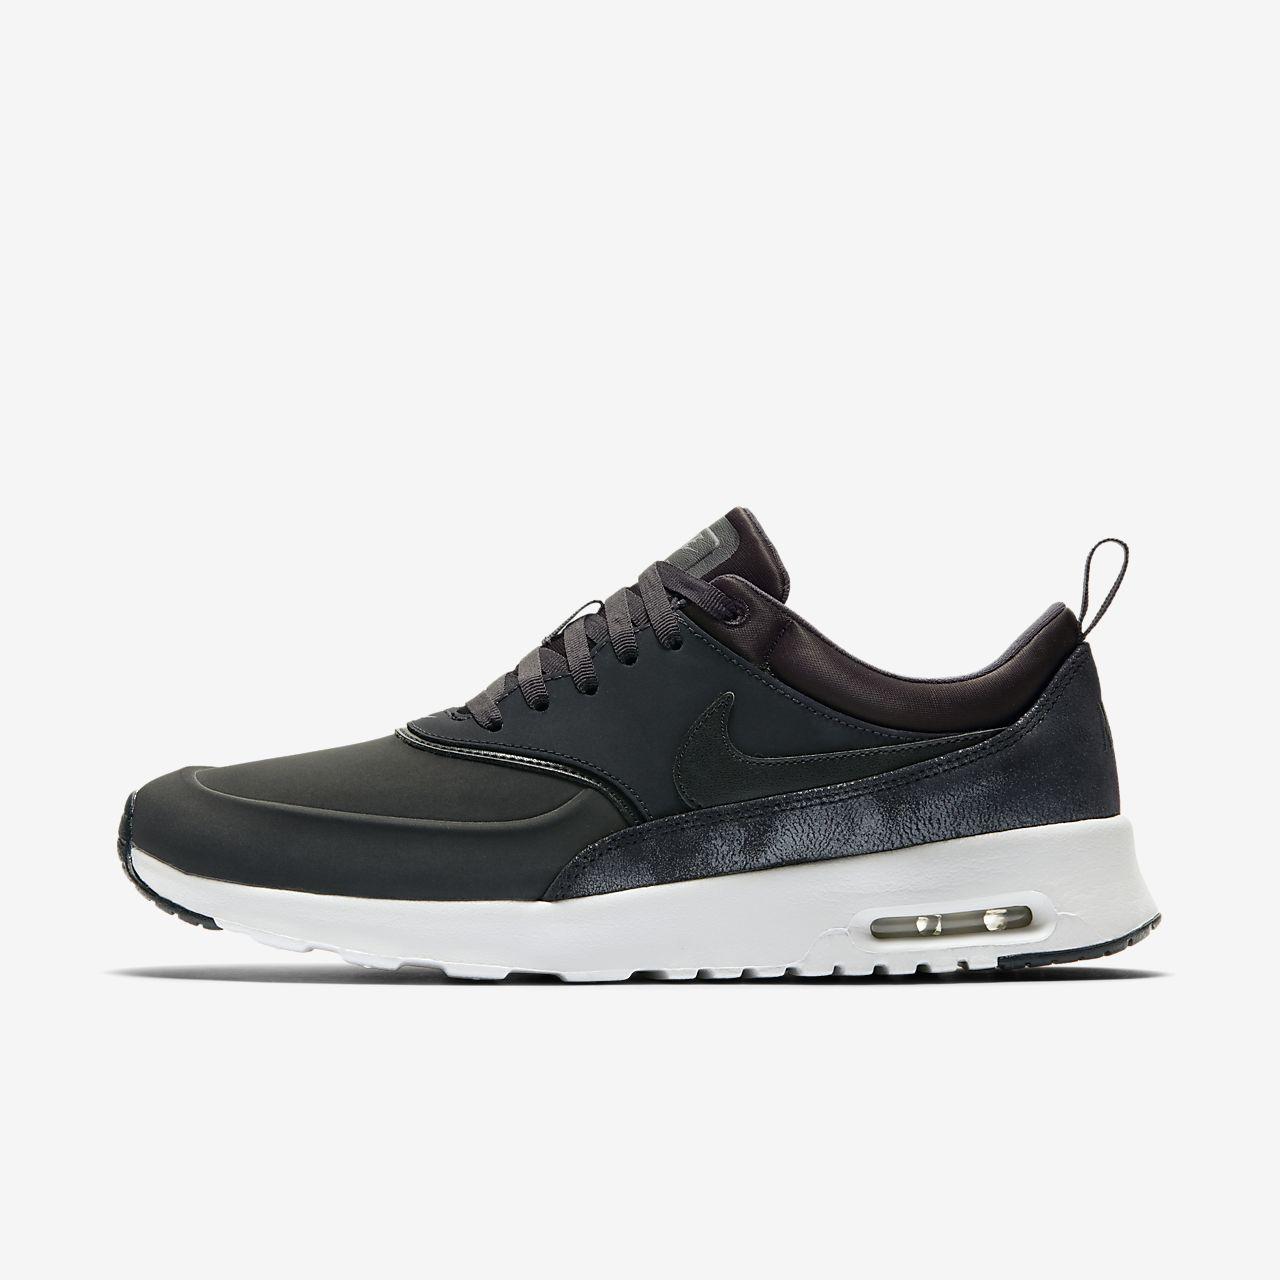 Premium Air Chaussure Nike Pour Be Femme Max Thea xq5IP5a